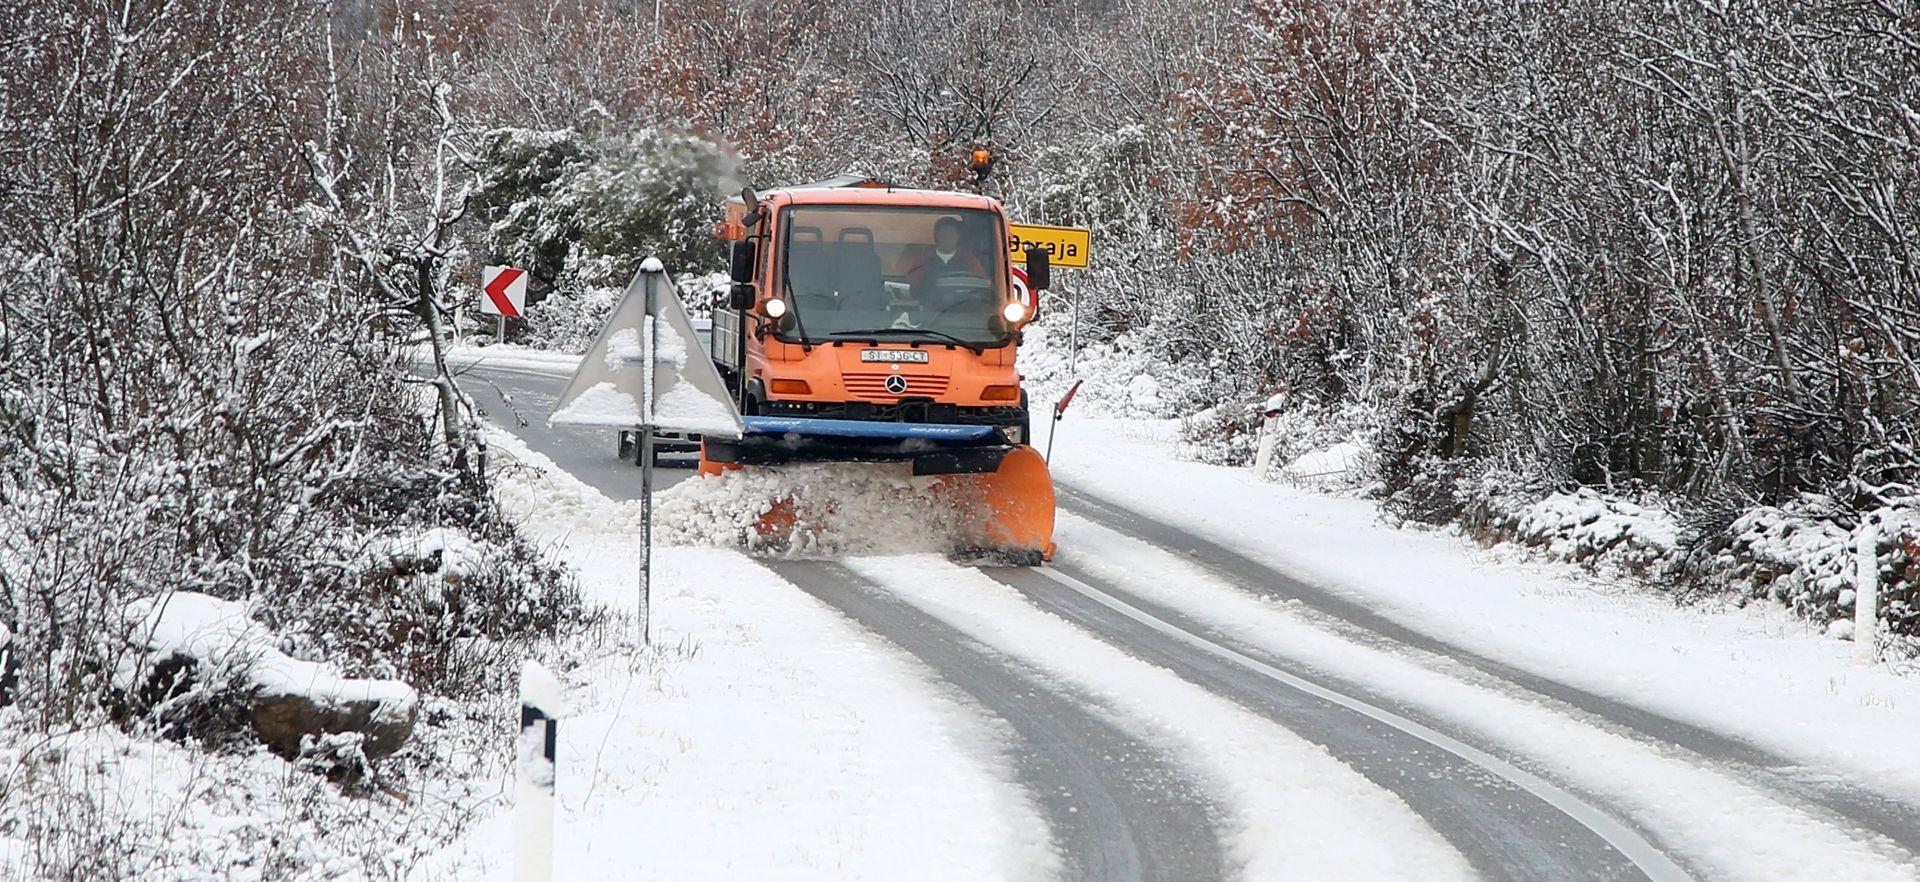 HAK Zimski uvjeti na cestama, A1 i A6 prohodne za sve skupine vozila